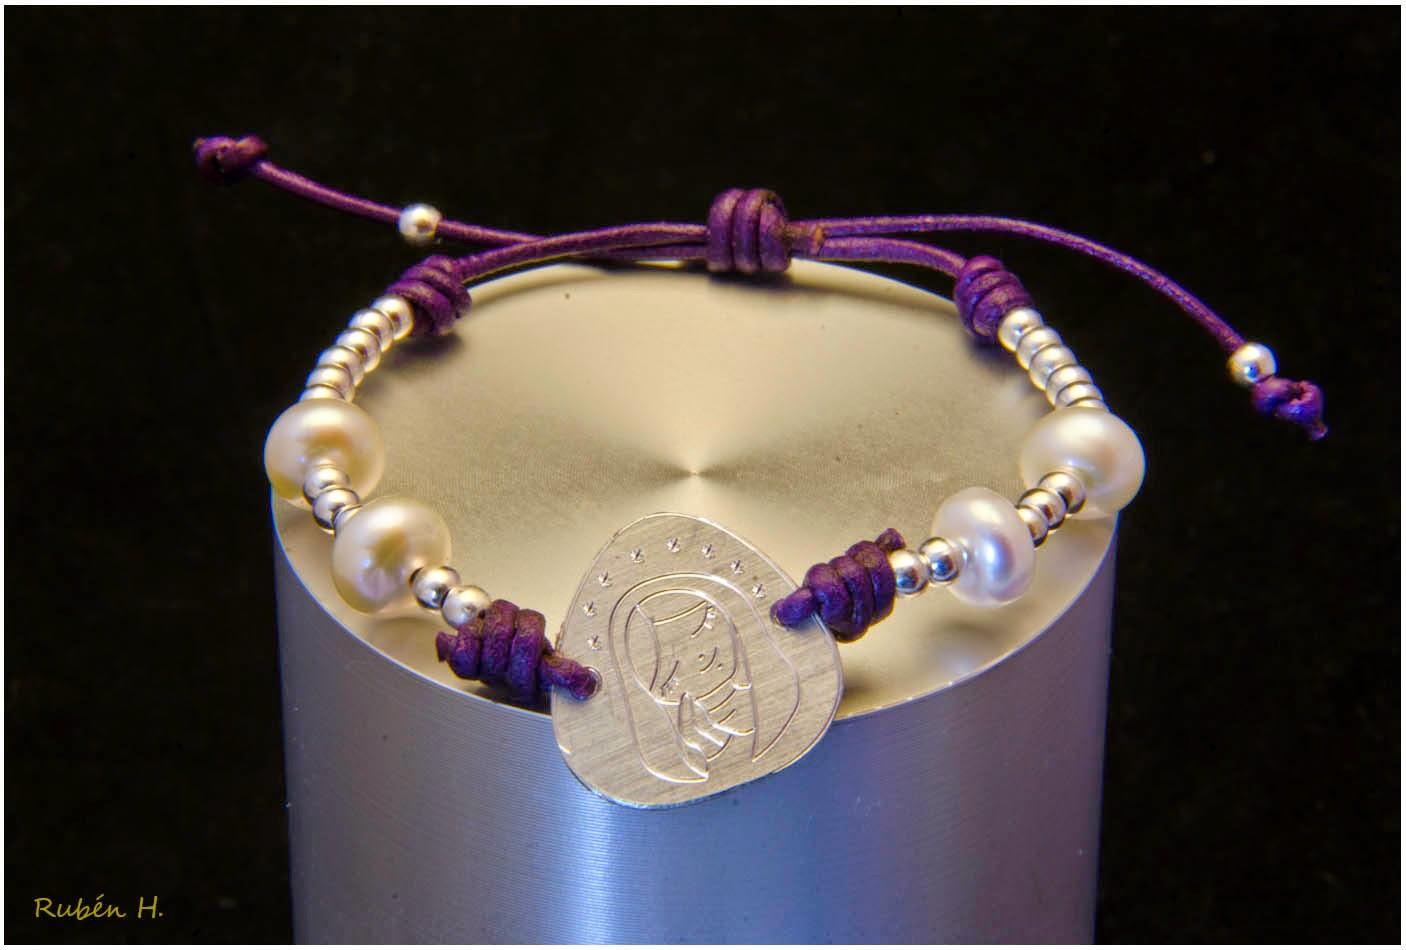 Pulsera medalla Virgen en cuero plata y perlas. Regalo de Comunion. Joyería artesanal personalizada.